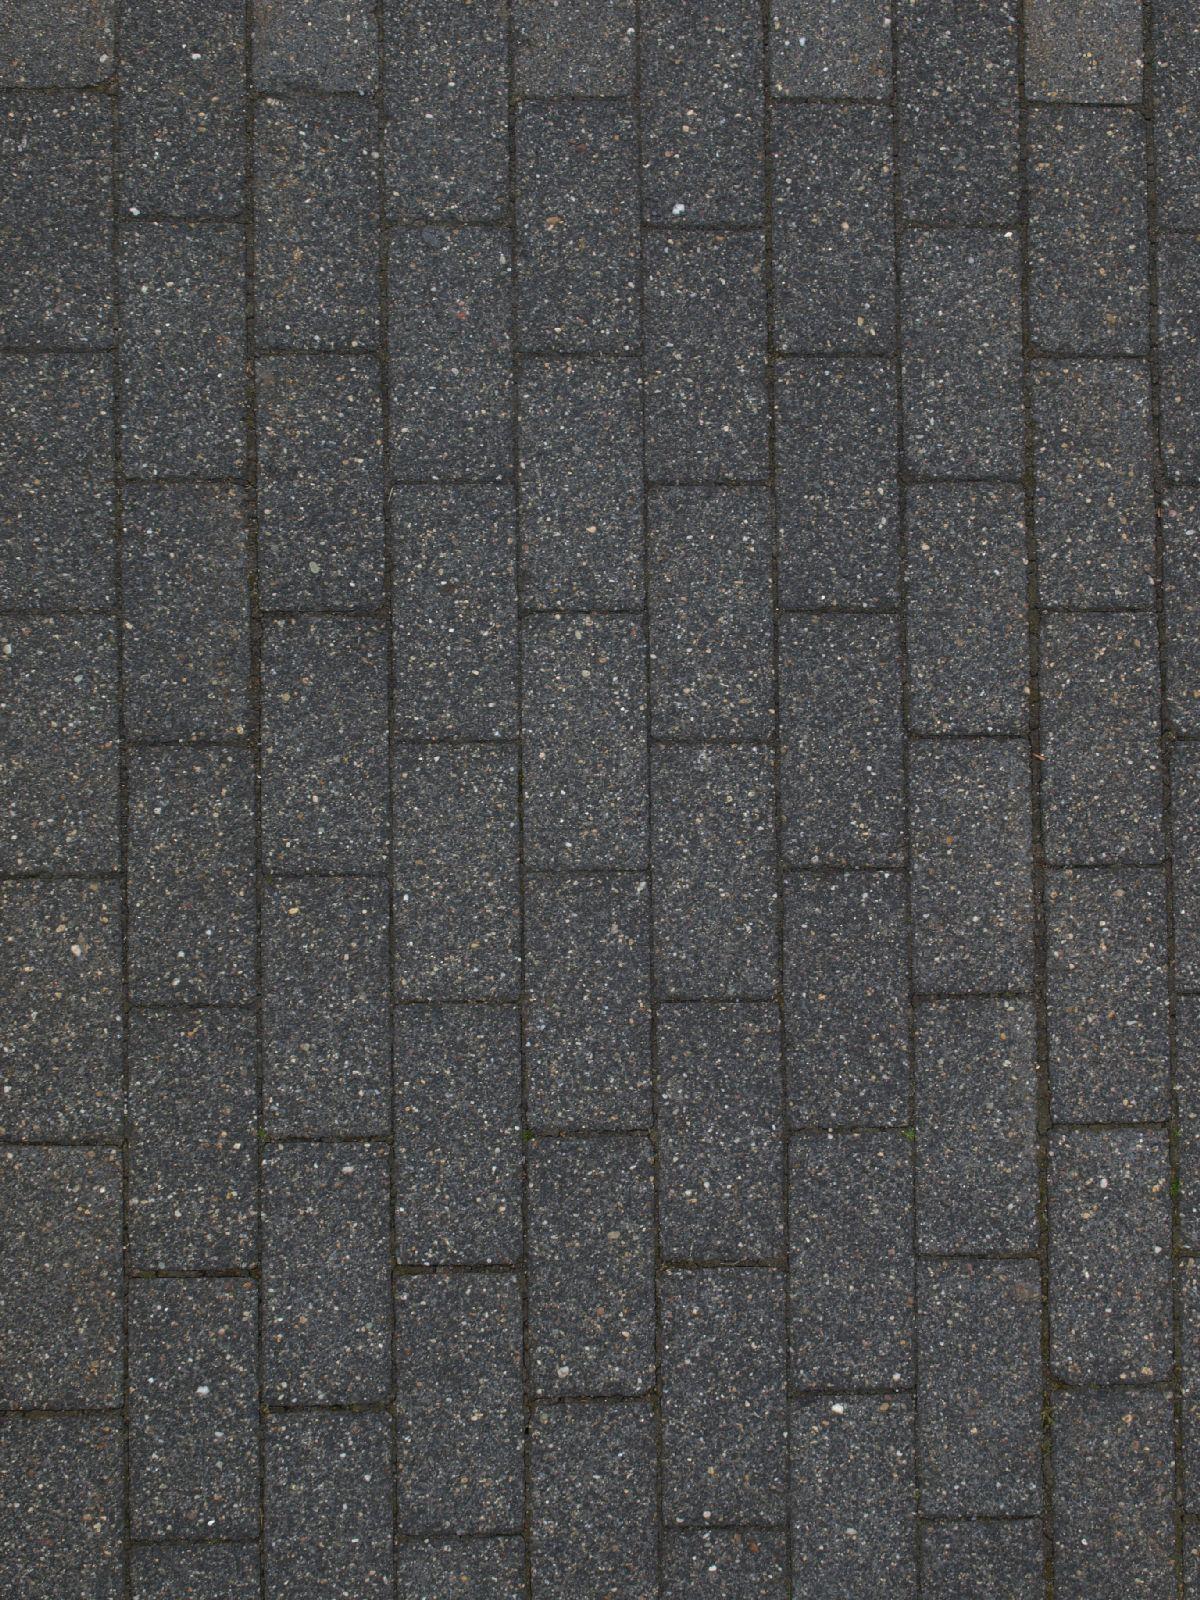 Boden-Gehweg-Strasse-Buergersteig-Textur_A_P5315577